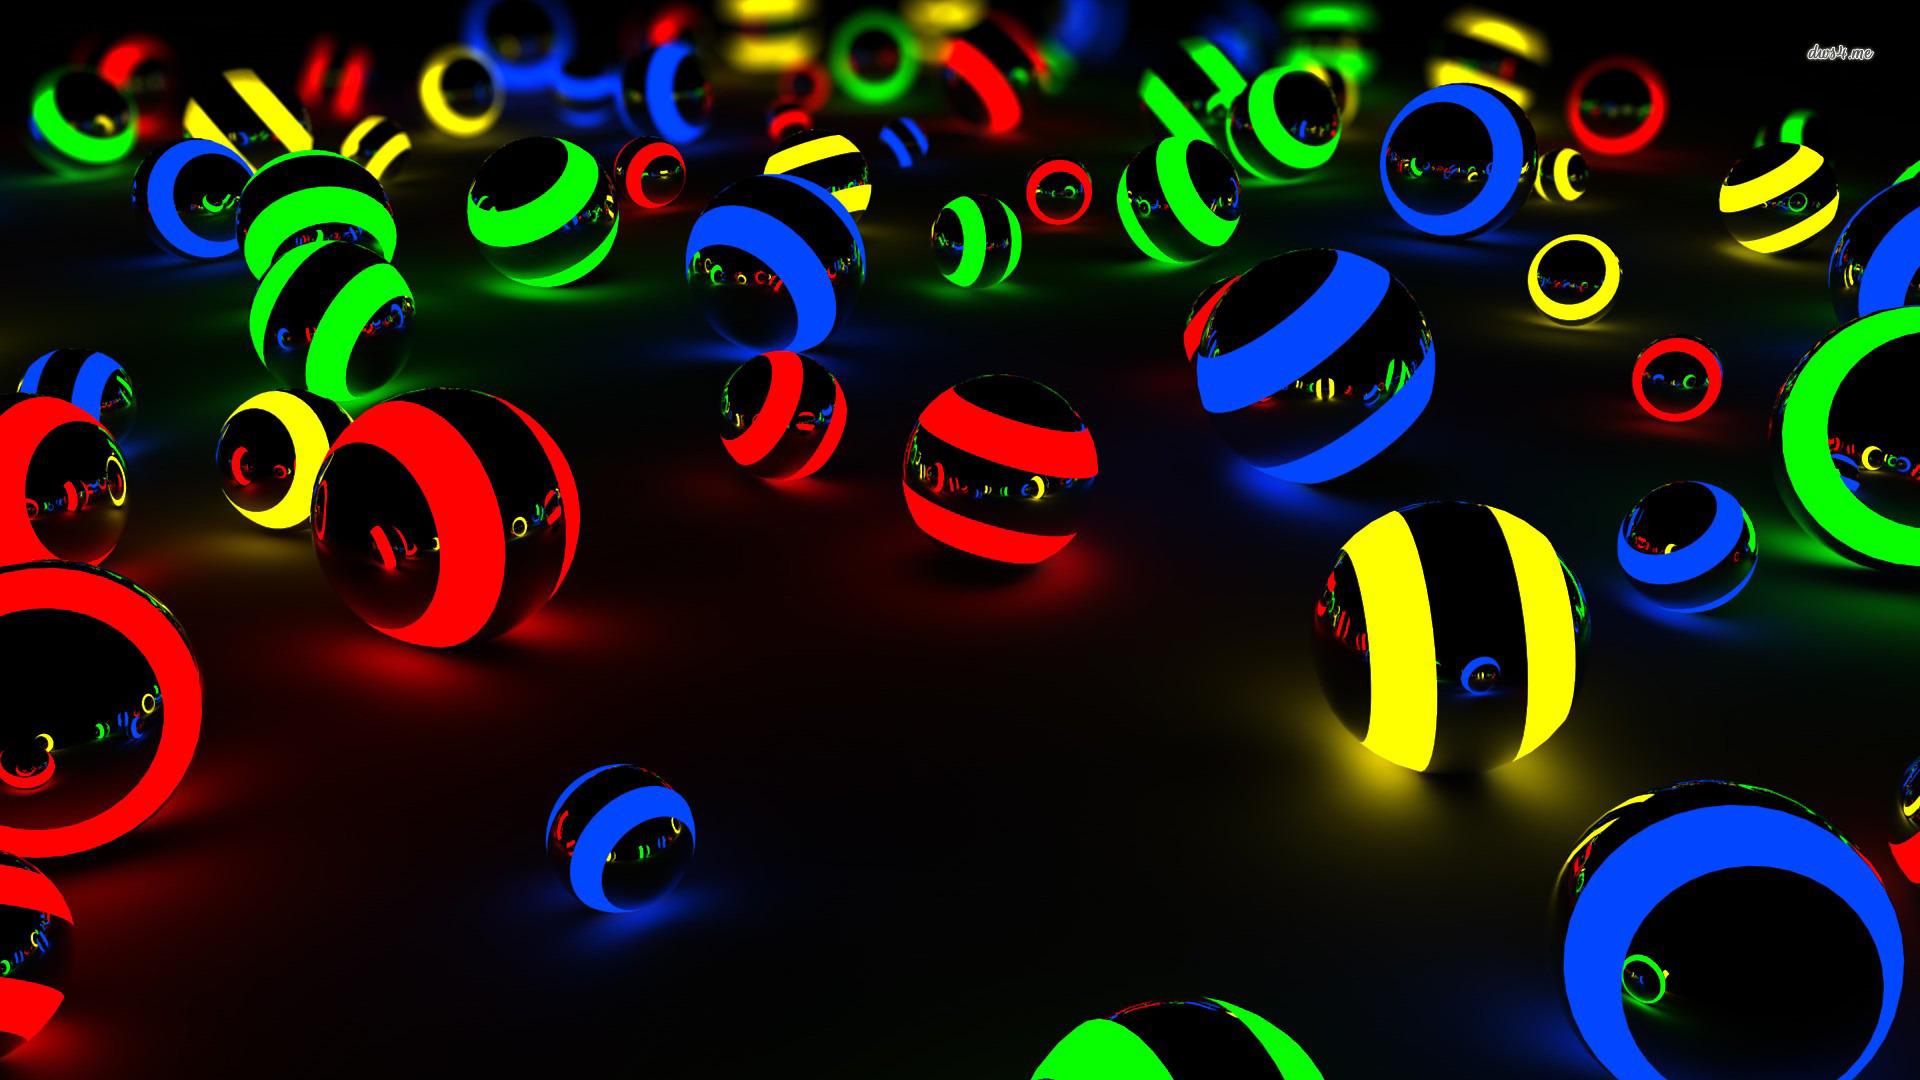 3D Neon wallpaper   1232239 1920x1080